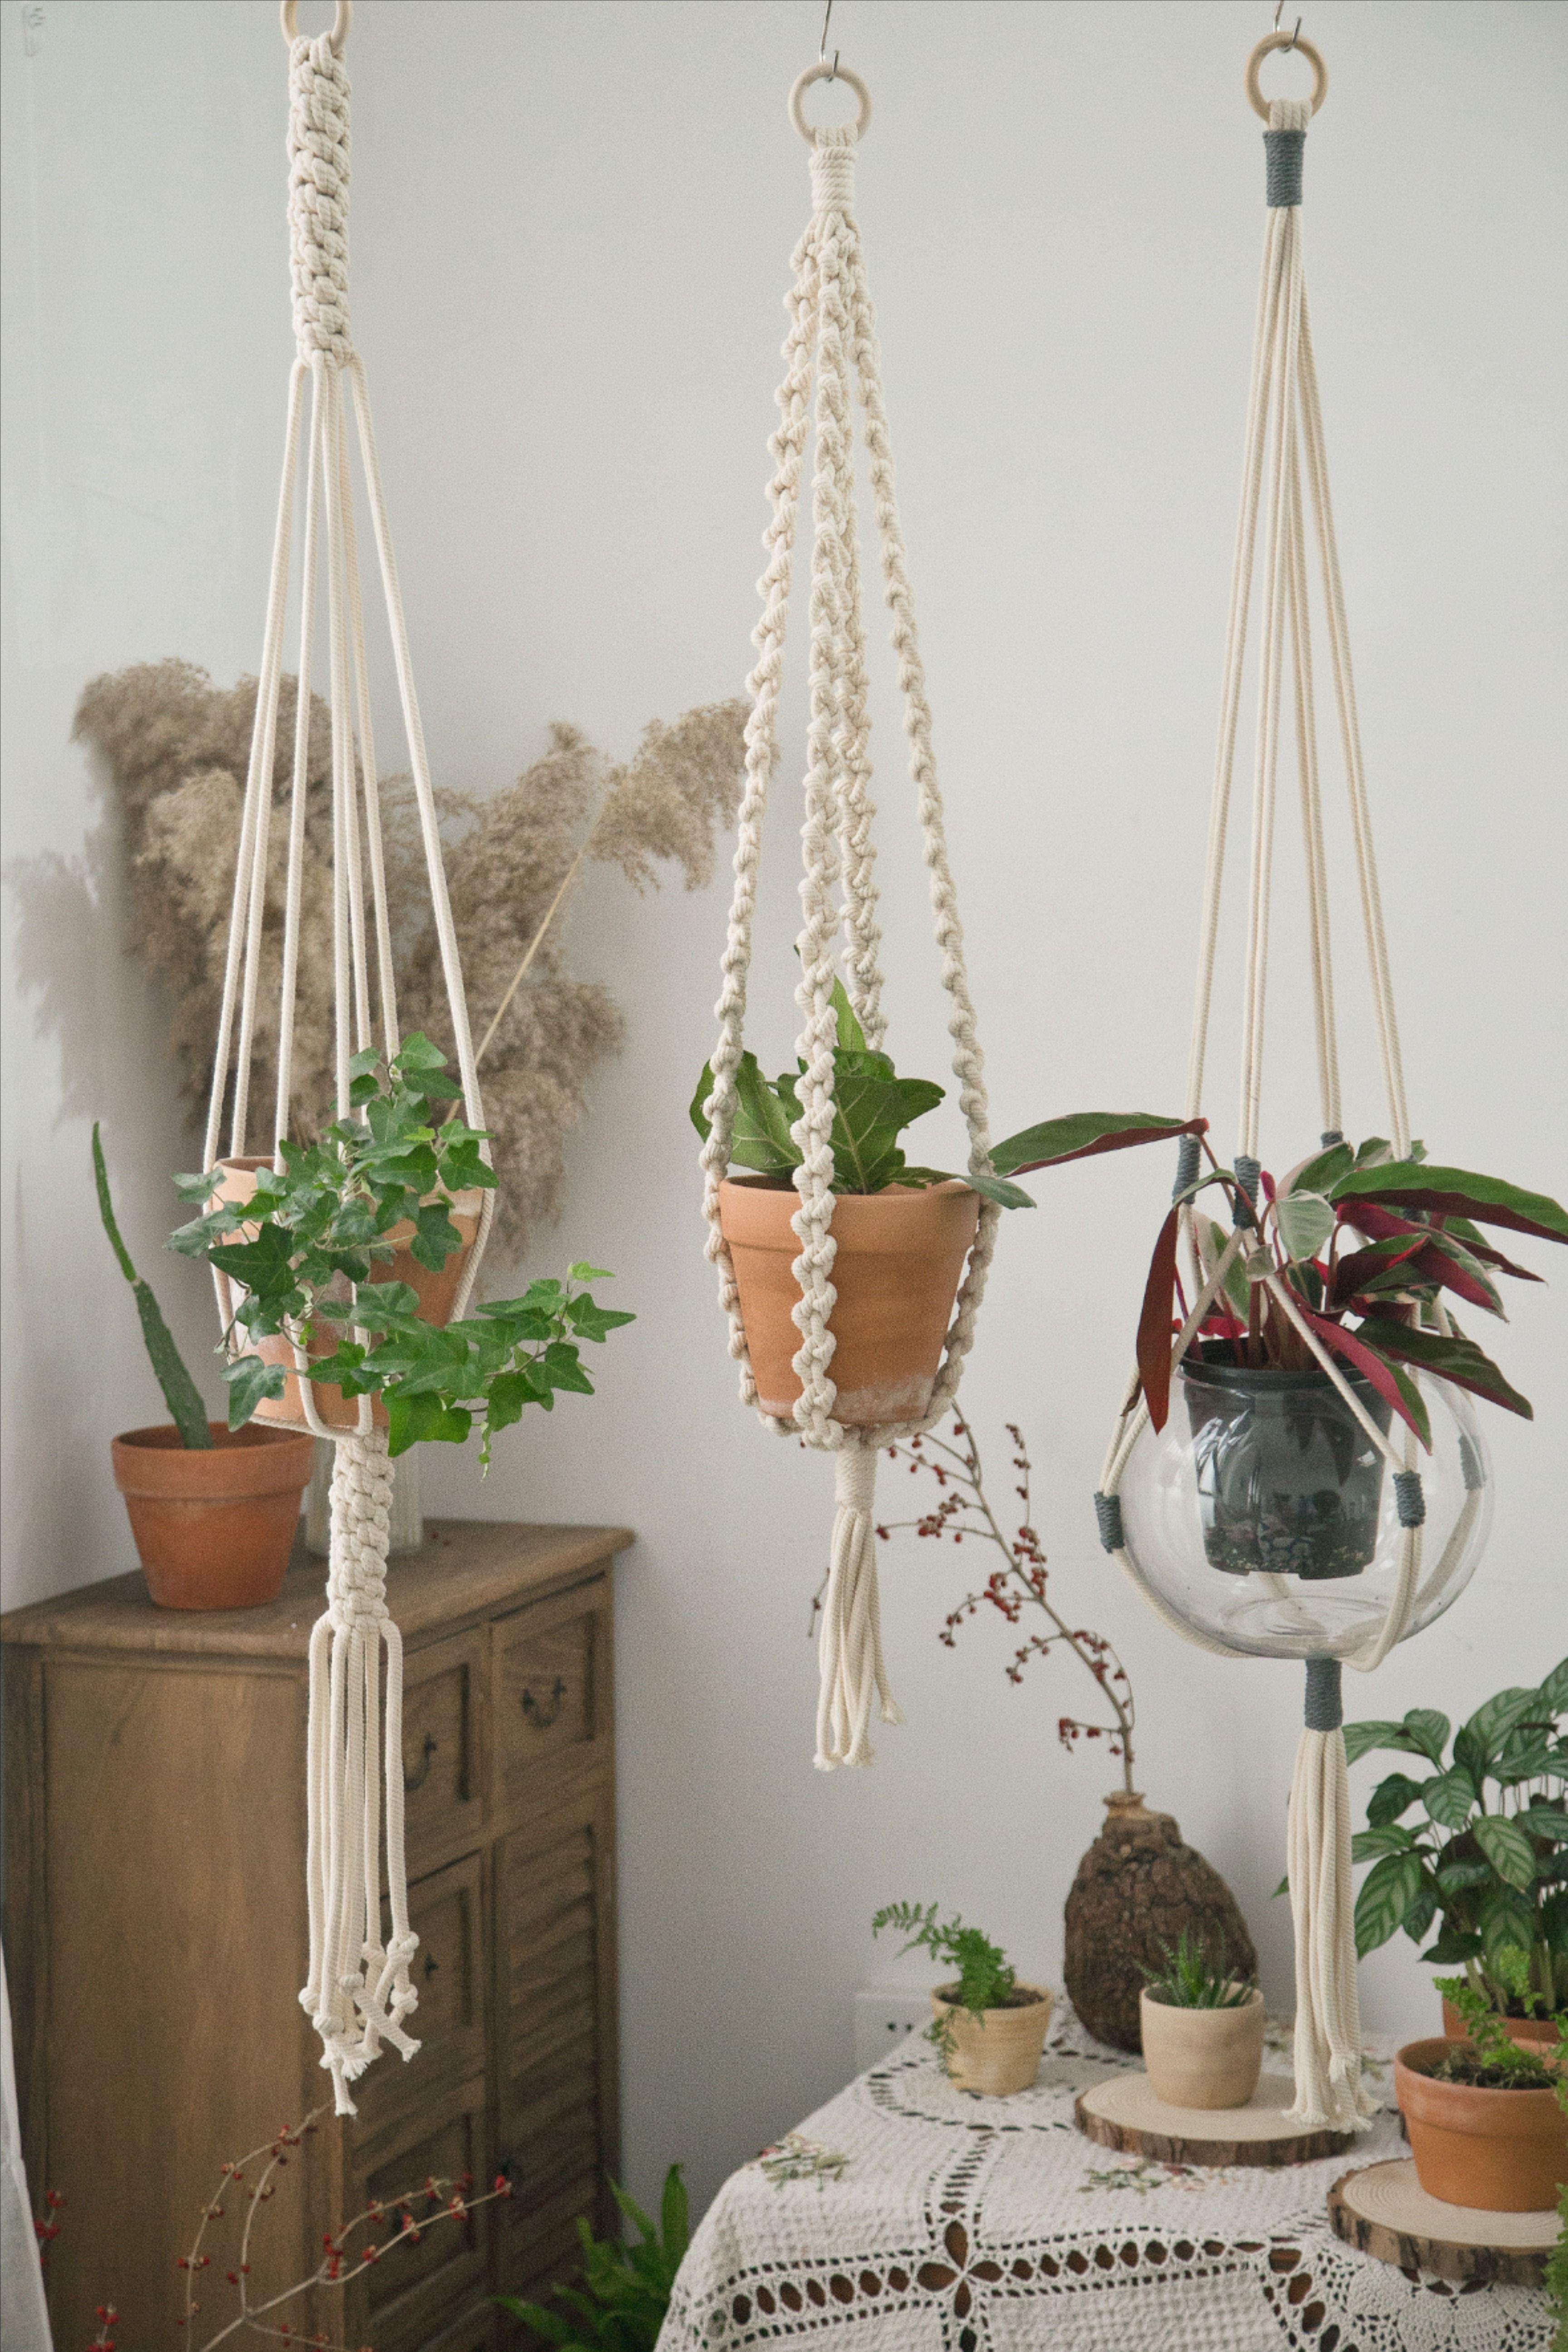 Large Macrame Plant Hanger For High Ceiling Long Hanging Floating